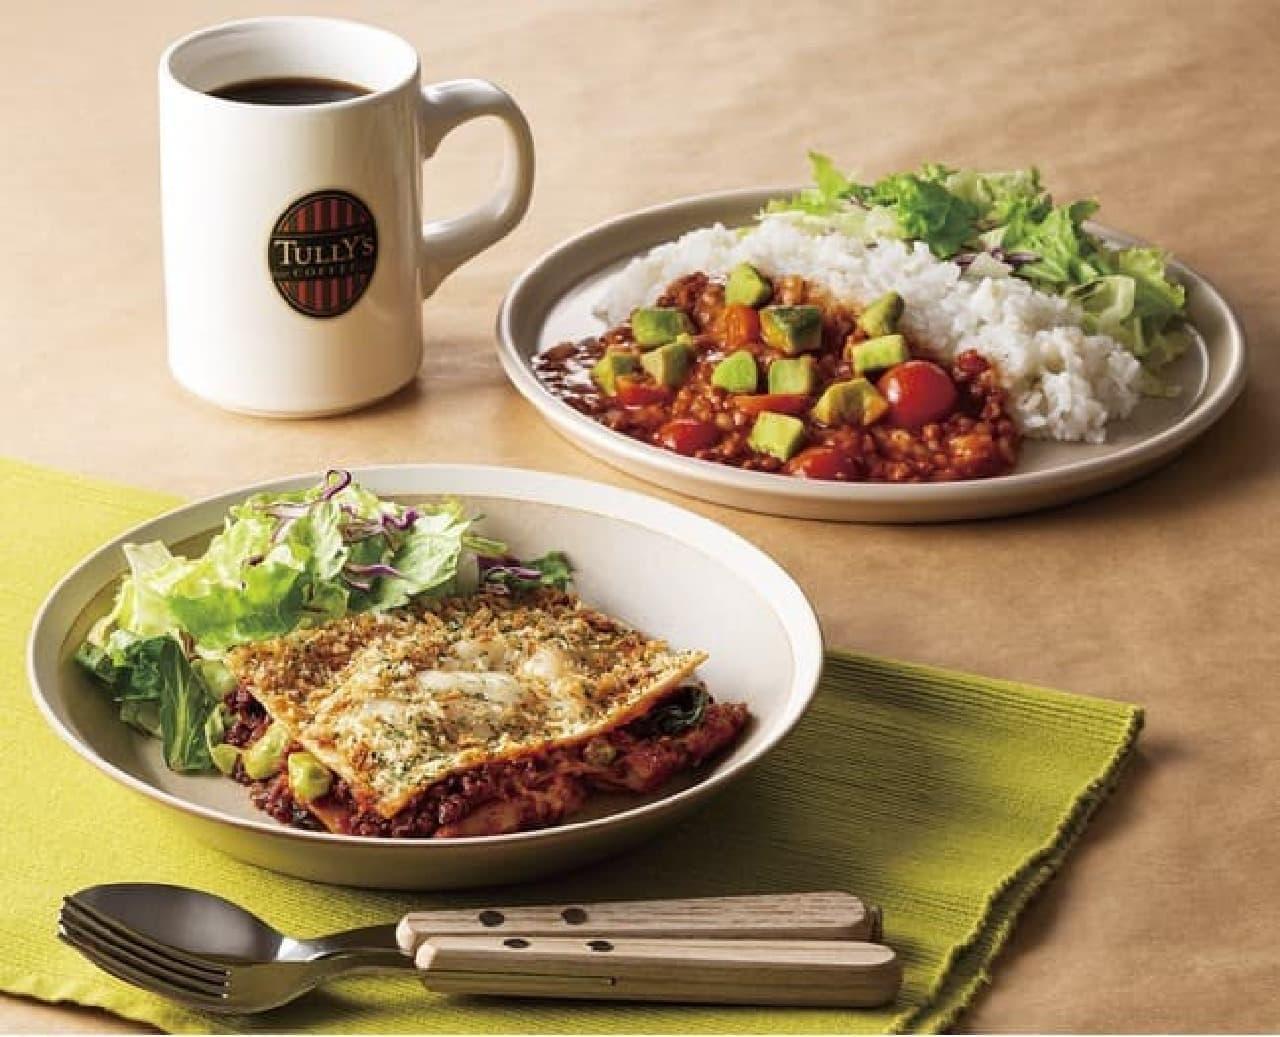 タリーズコーヒー「野菜仕立てのラザニアプレート」「畑の恵みのタコライス」